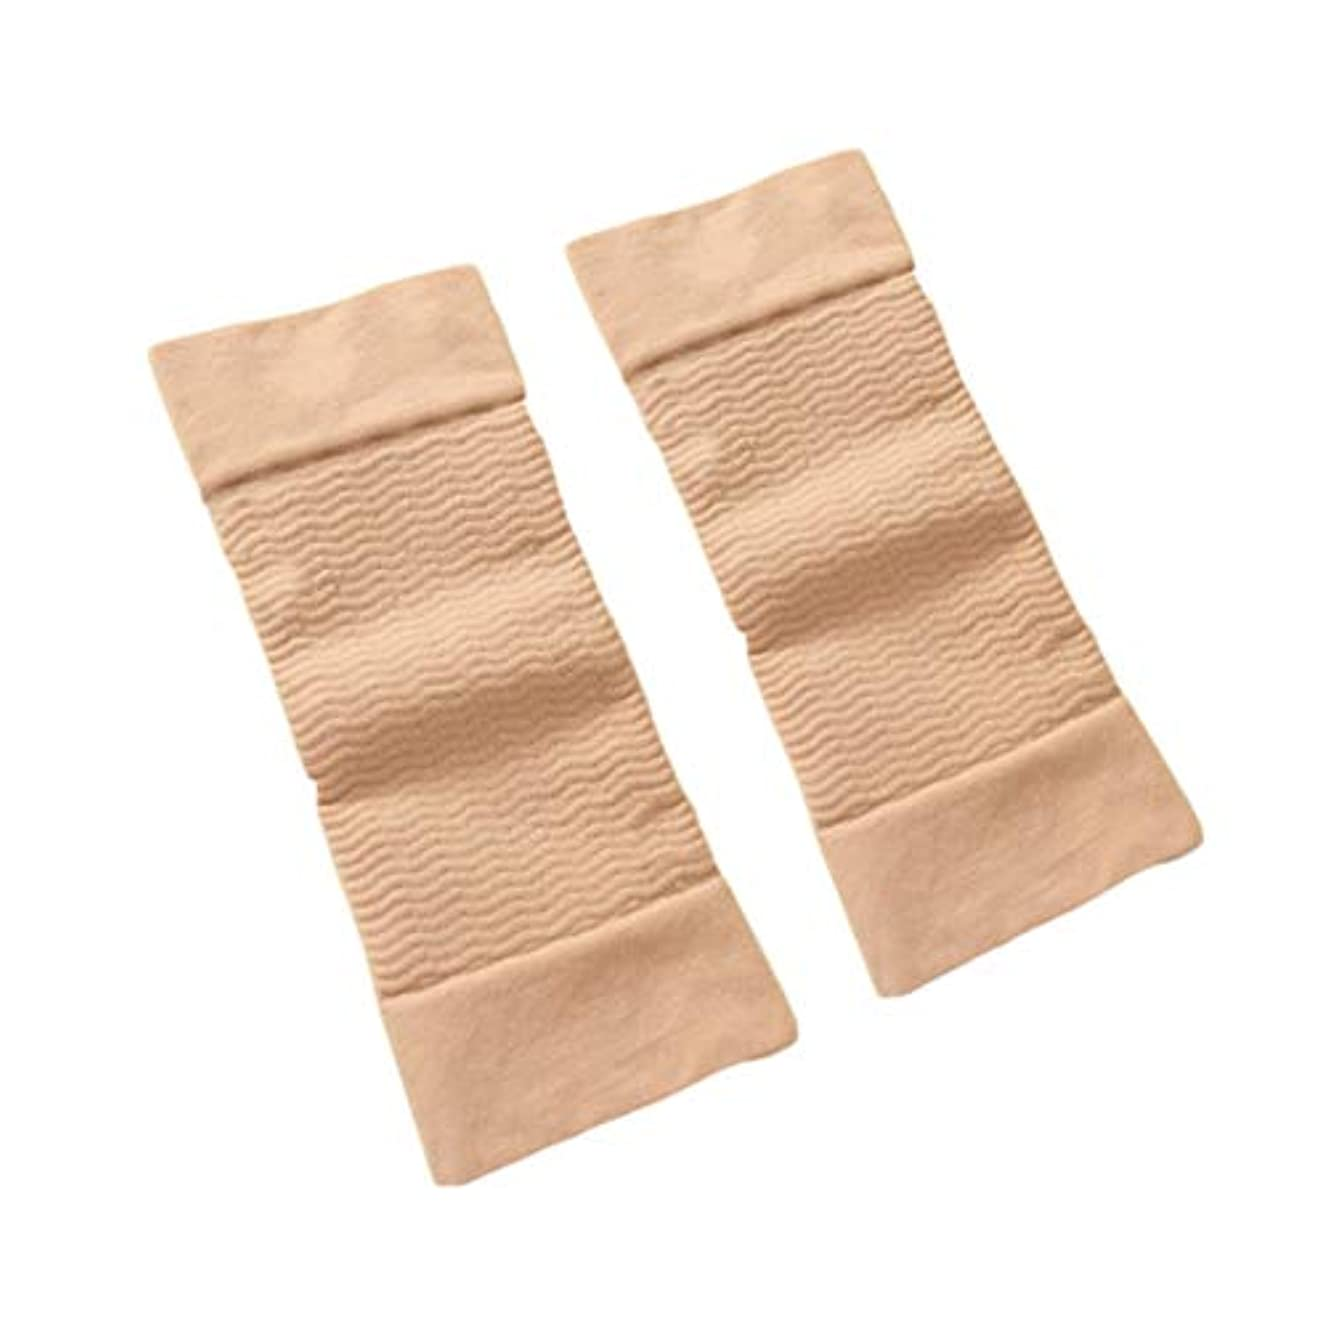 サバント通路保険1ペア420 D圧縮痩身アームスリーブワークアウトトーニングバーンセルライトシェイパー脂肪燃焼袖用女性 - 肌色